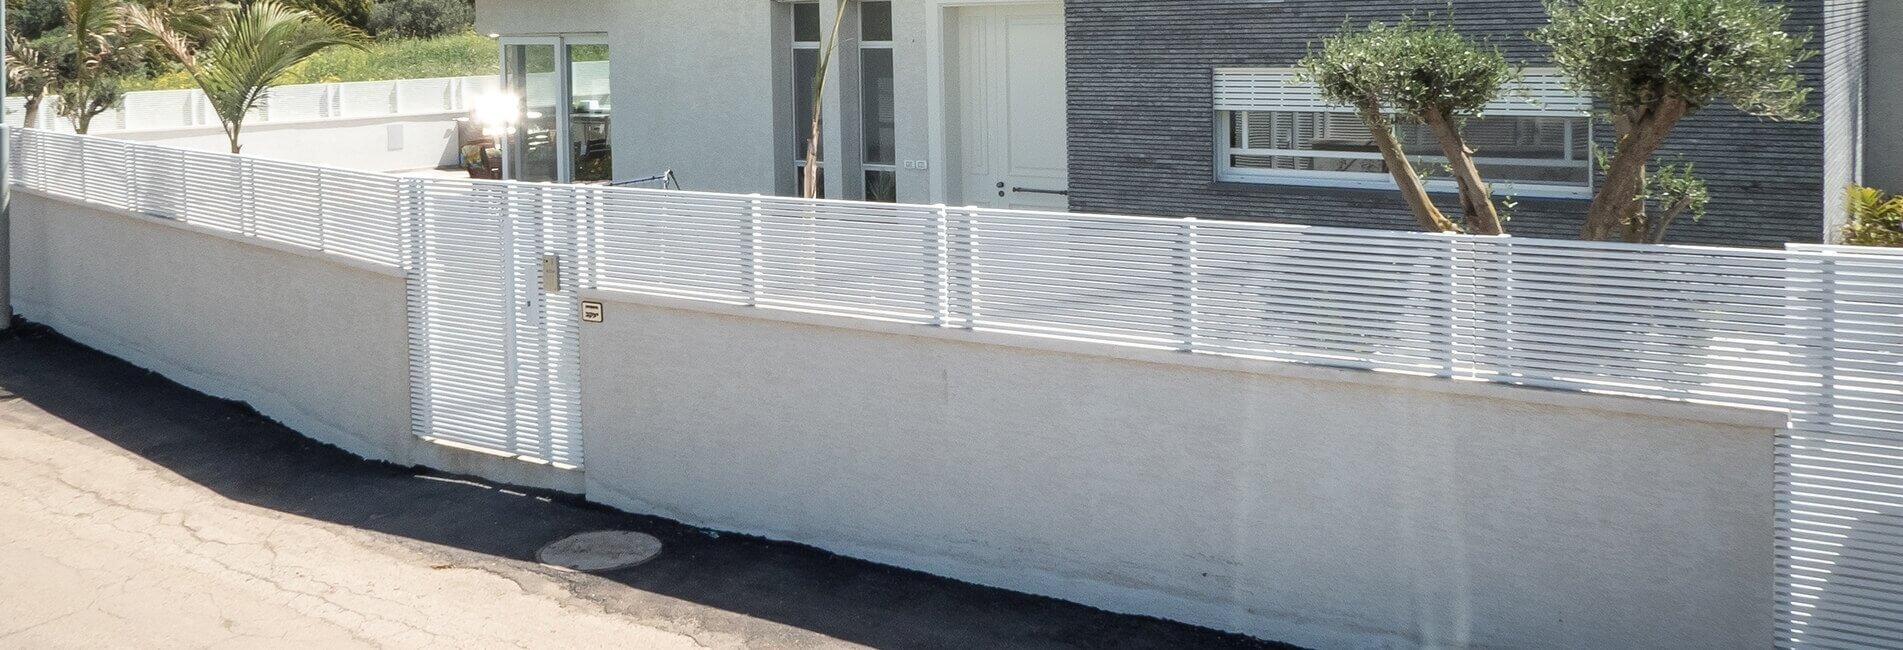 גדר אלומיניום לבן בכניסה לבית